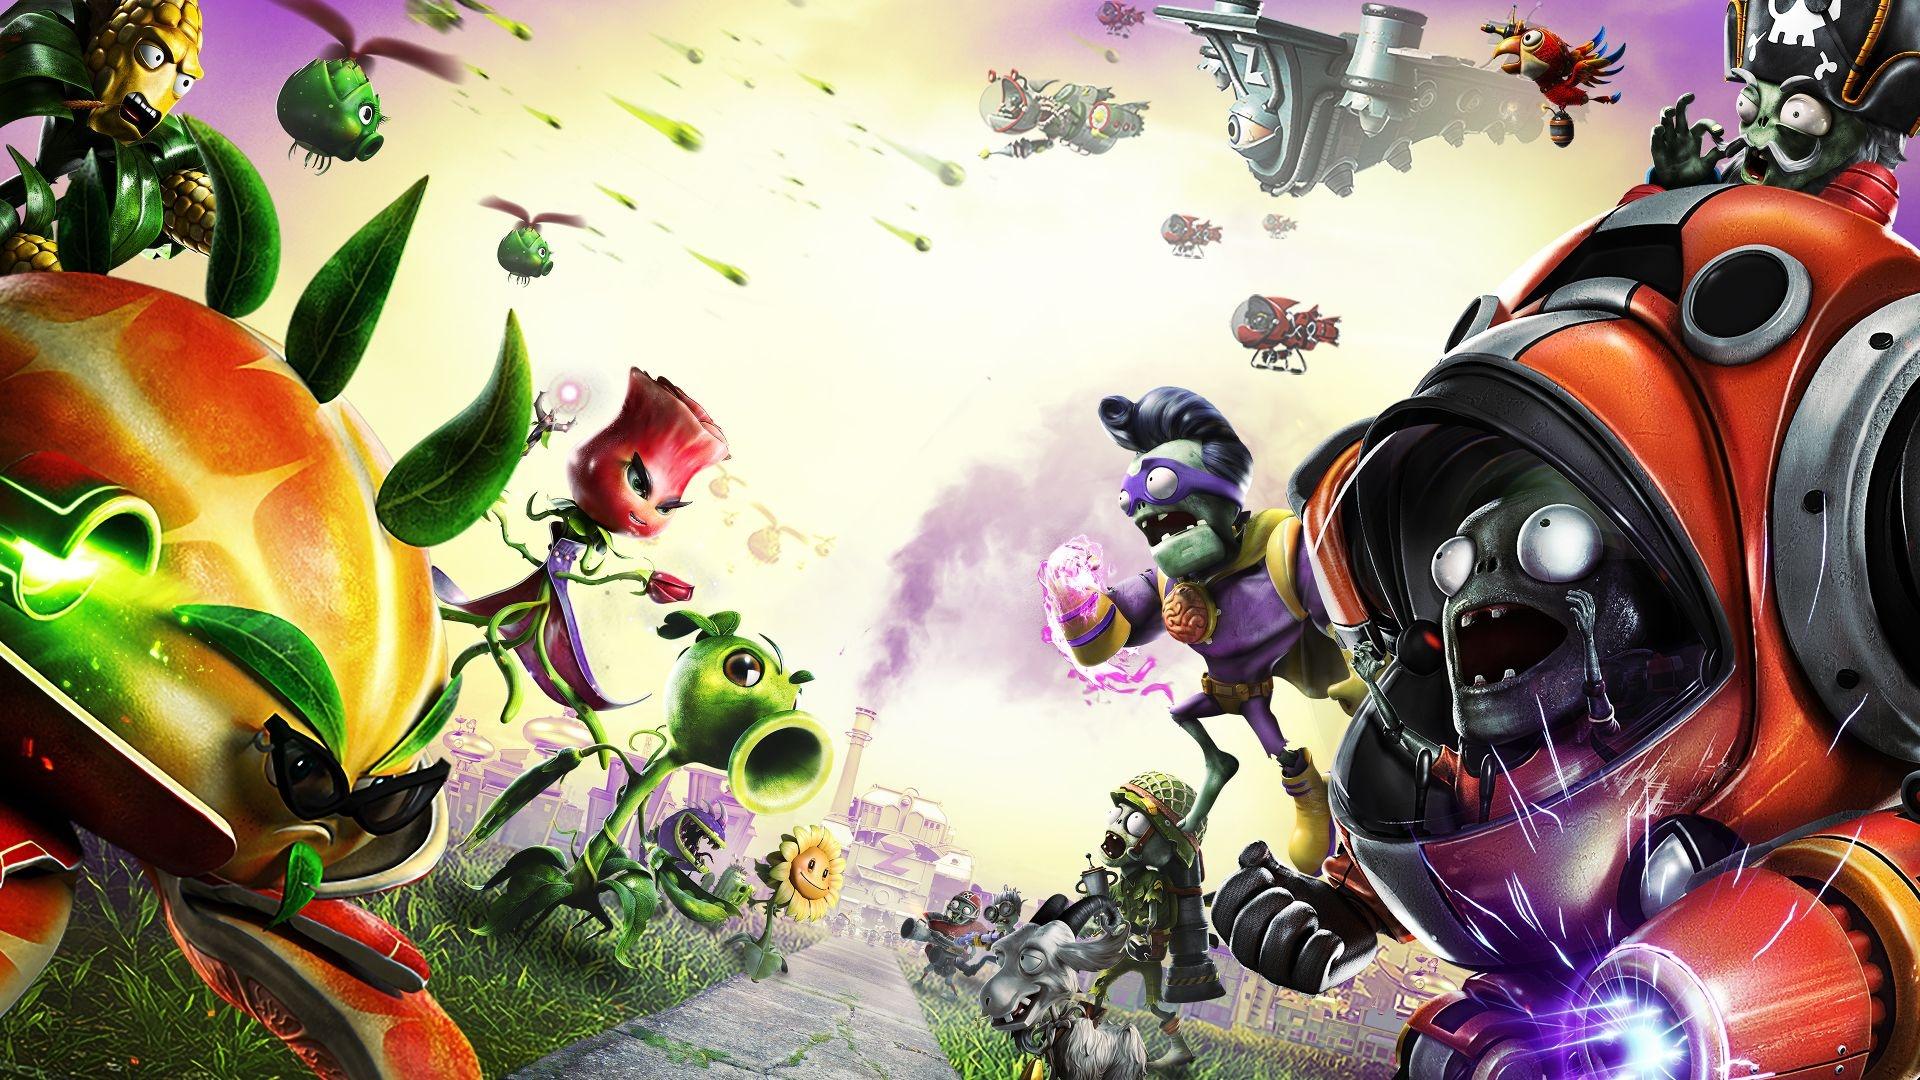 Plants Vs Zombies Garden Warfare 2 549143 Hd Wallpaper